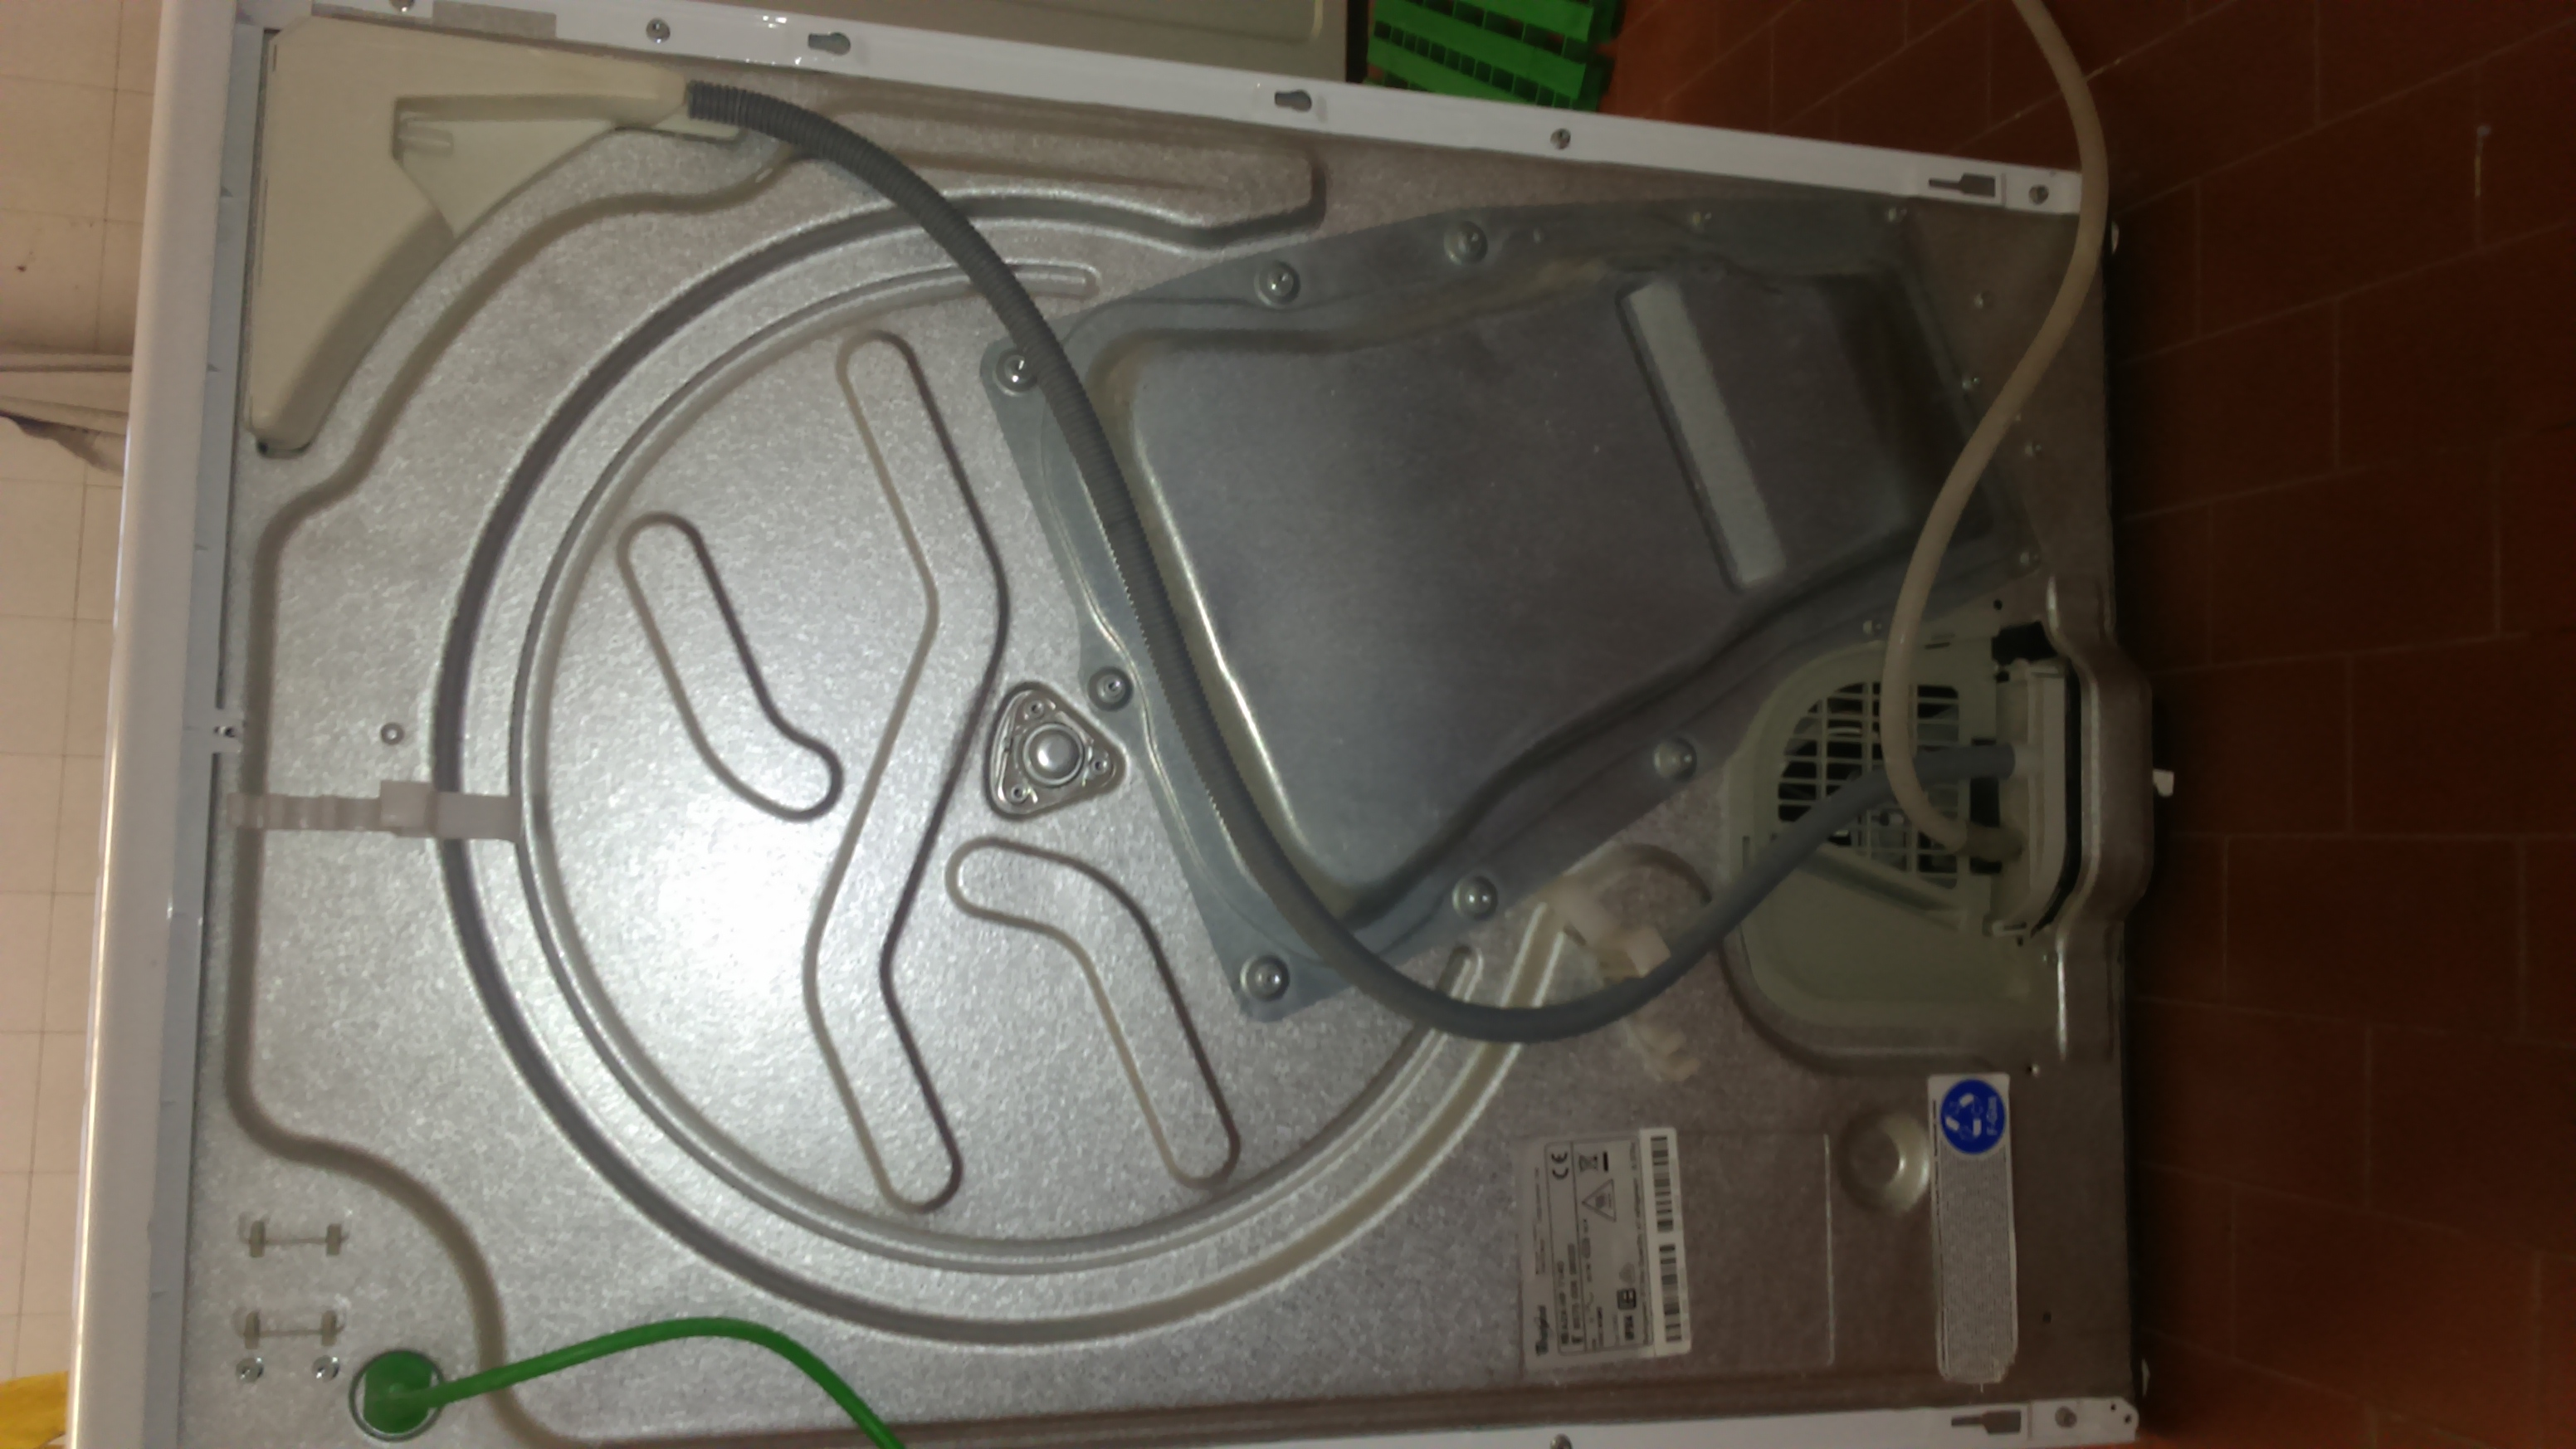 Pulizia scambiatore calore asciugatrice whirlpool pagina for Asciugatrice whirlpool opinioni